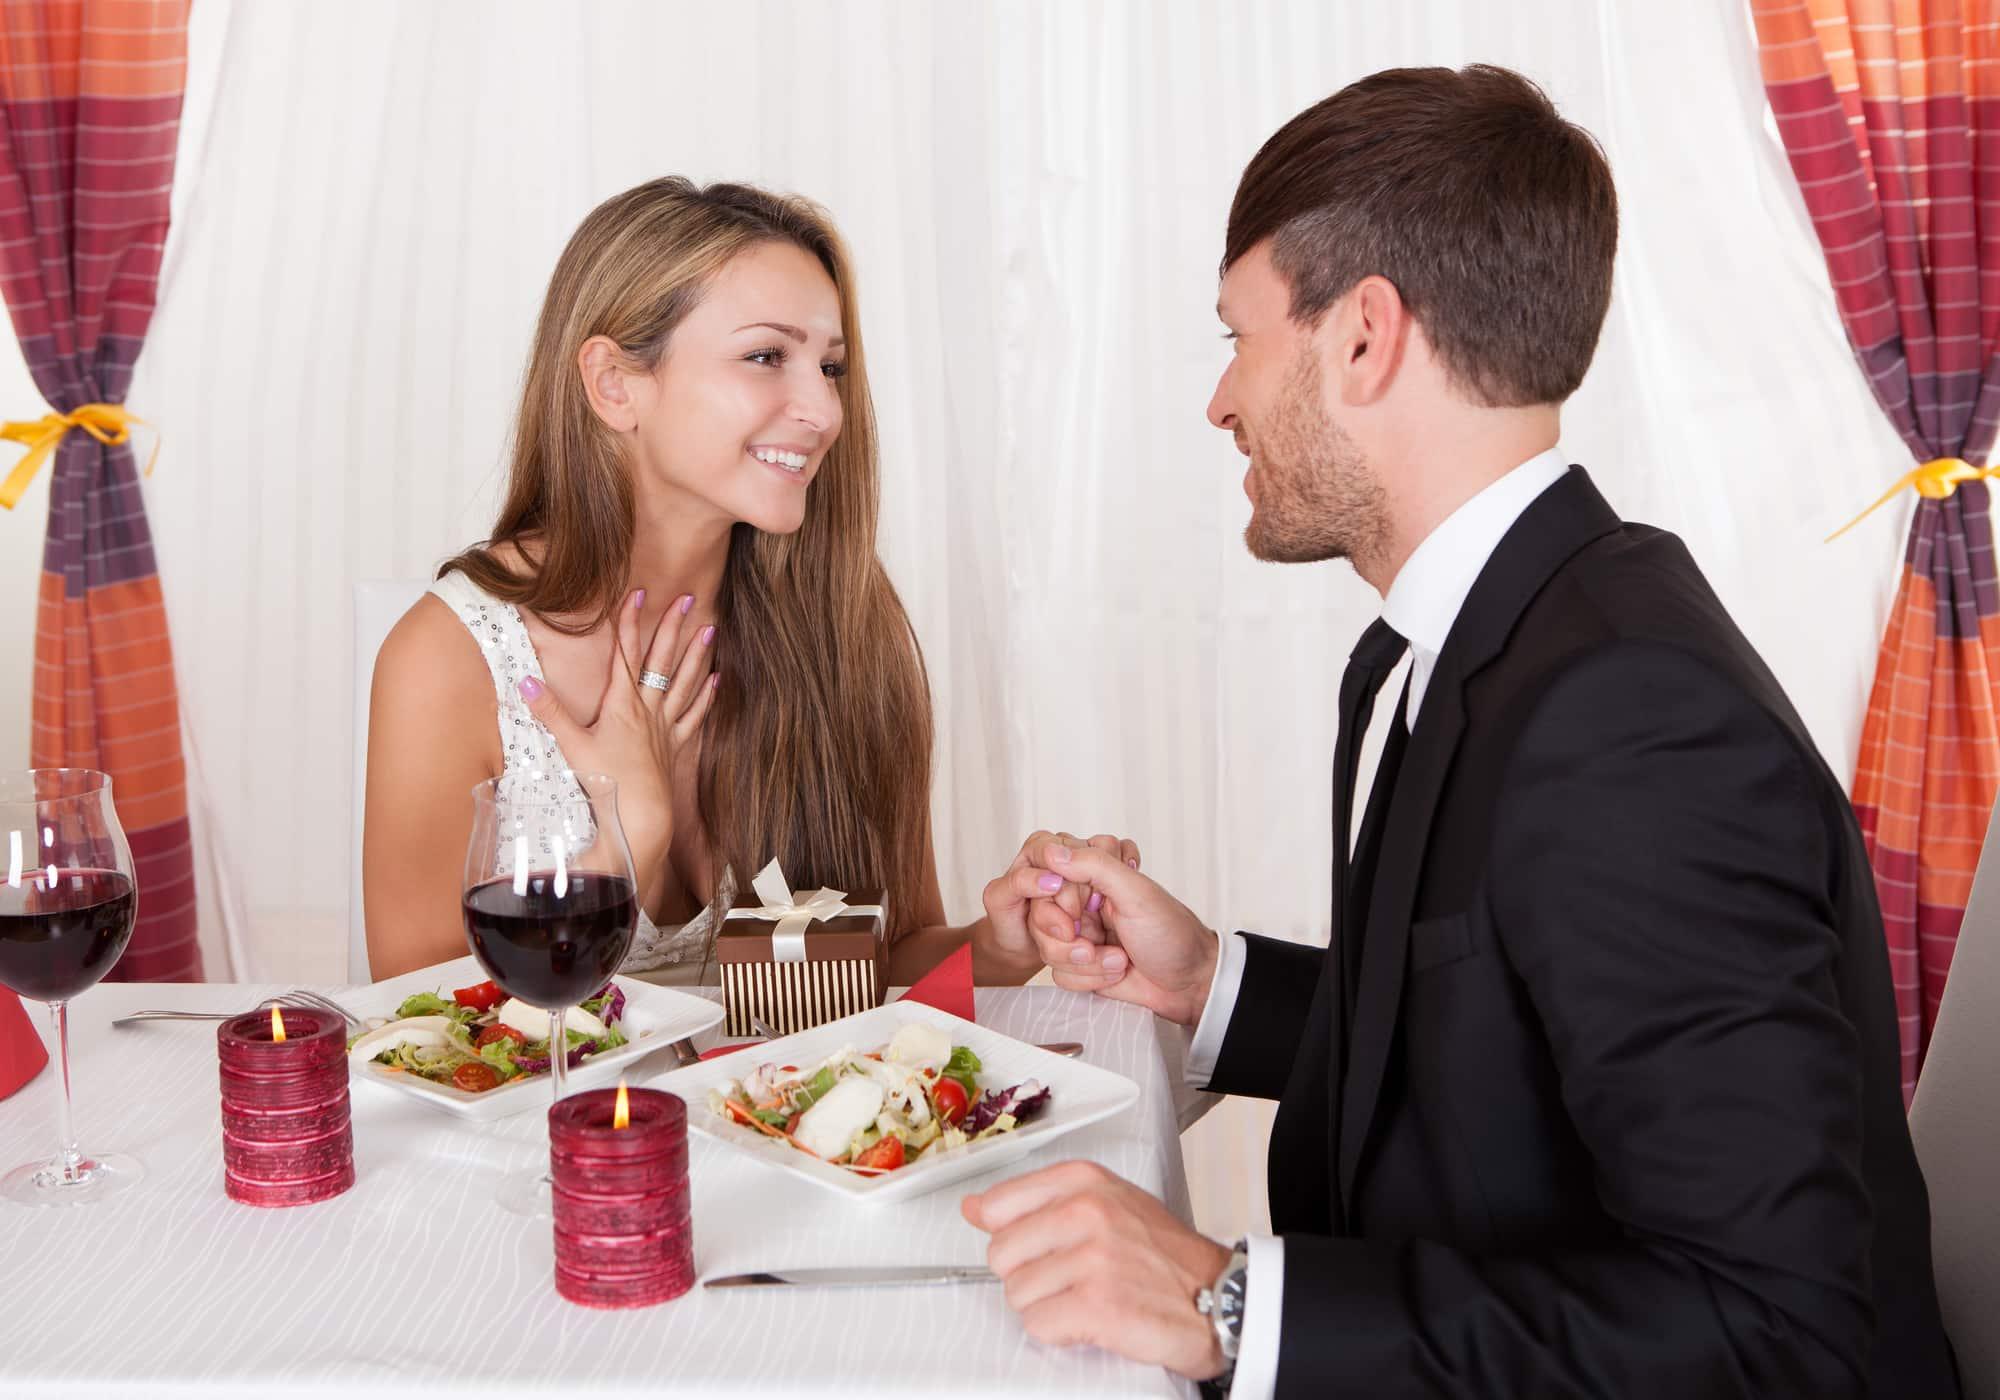 Zitat über liebe und essen